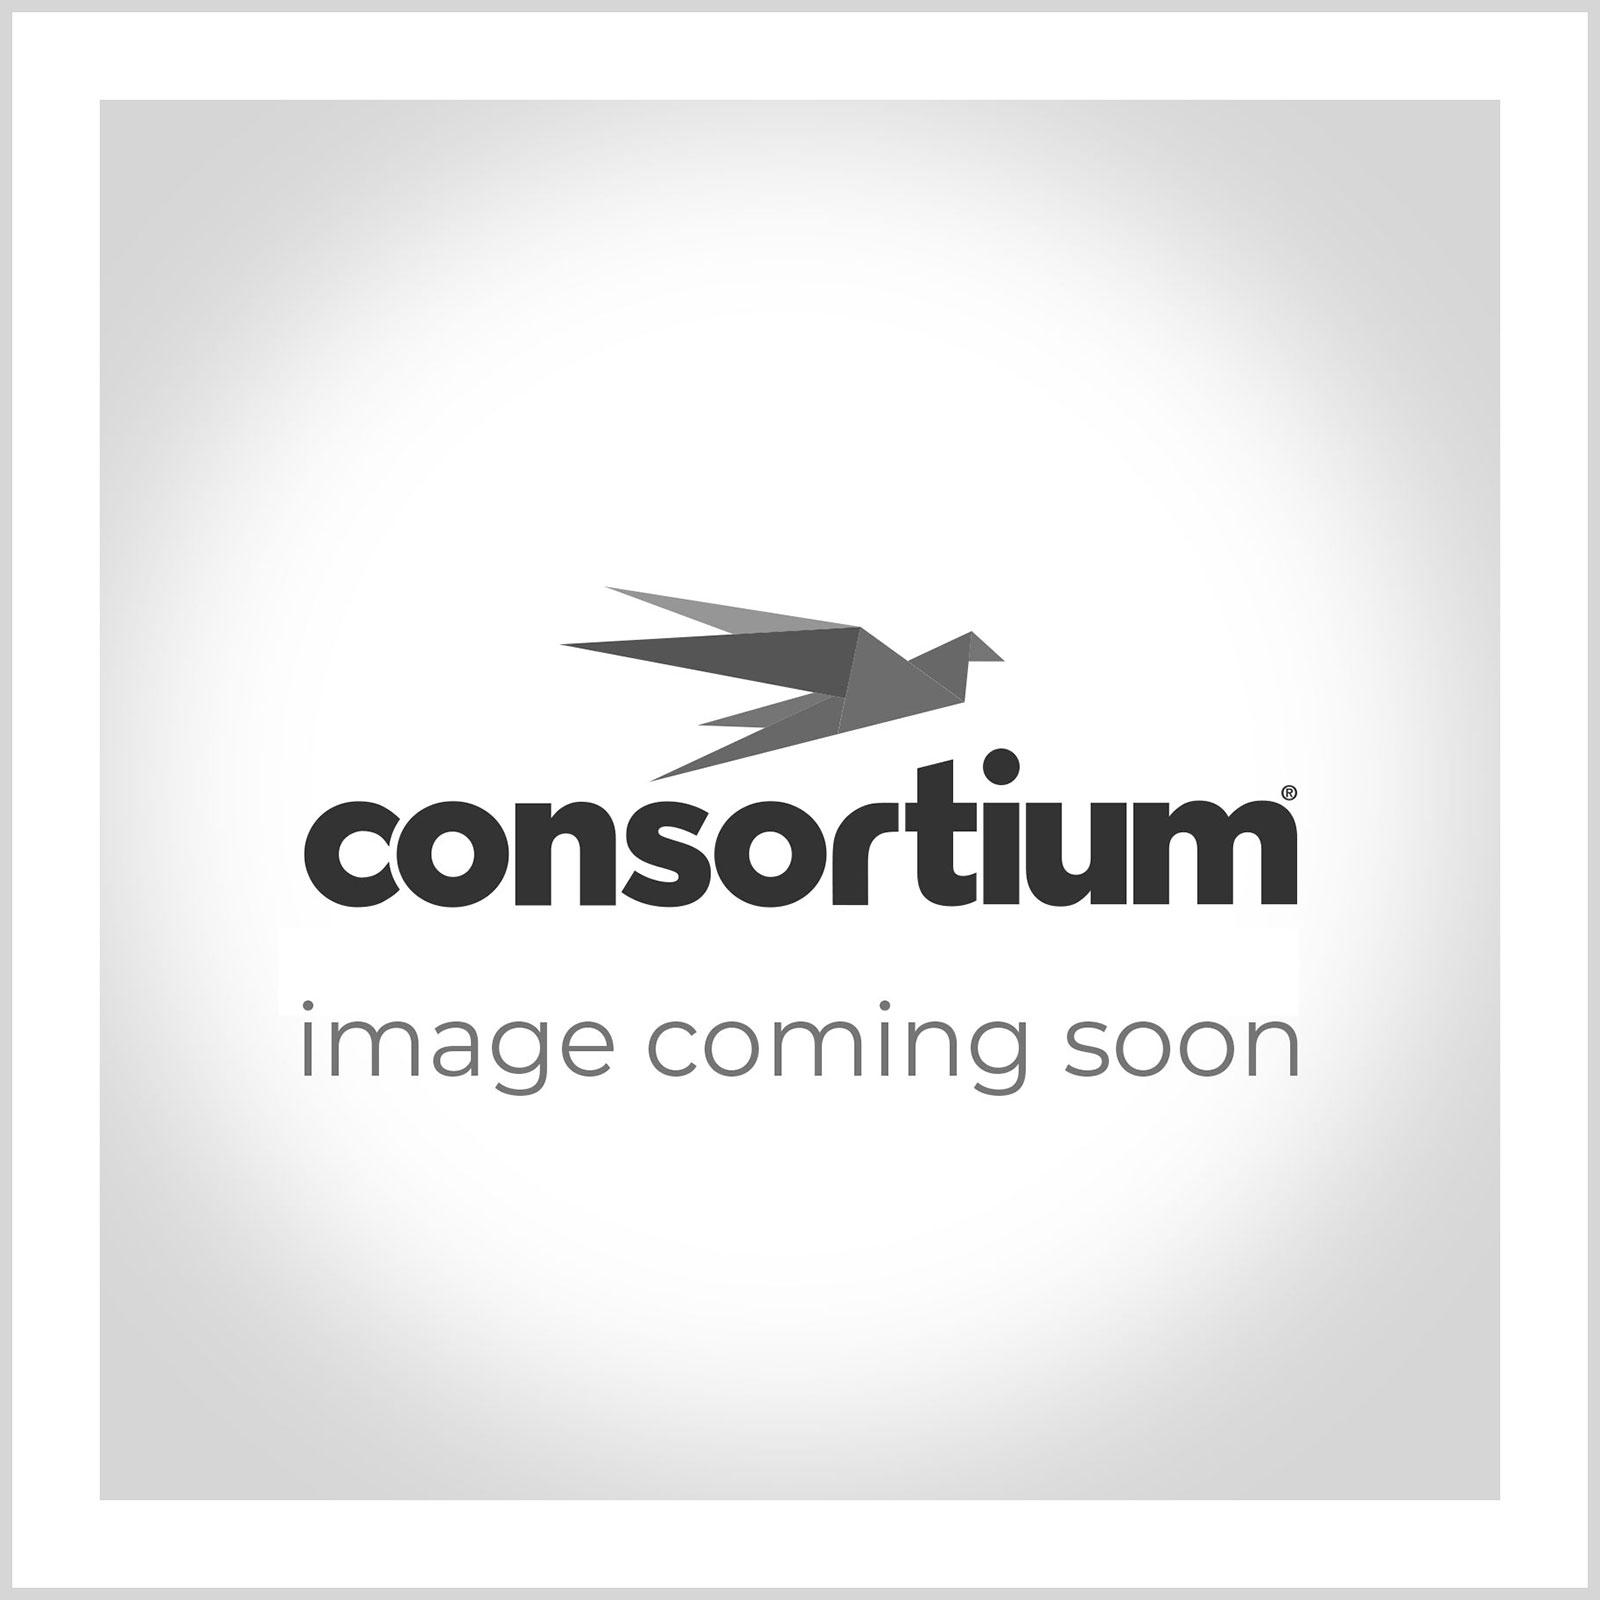 Tubular Support Bandages